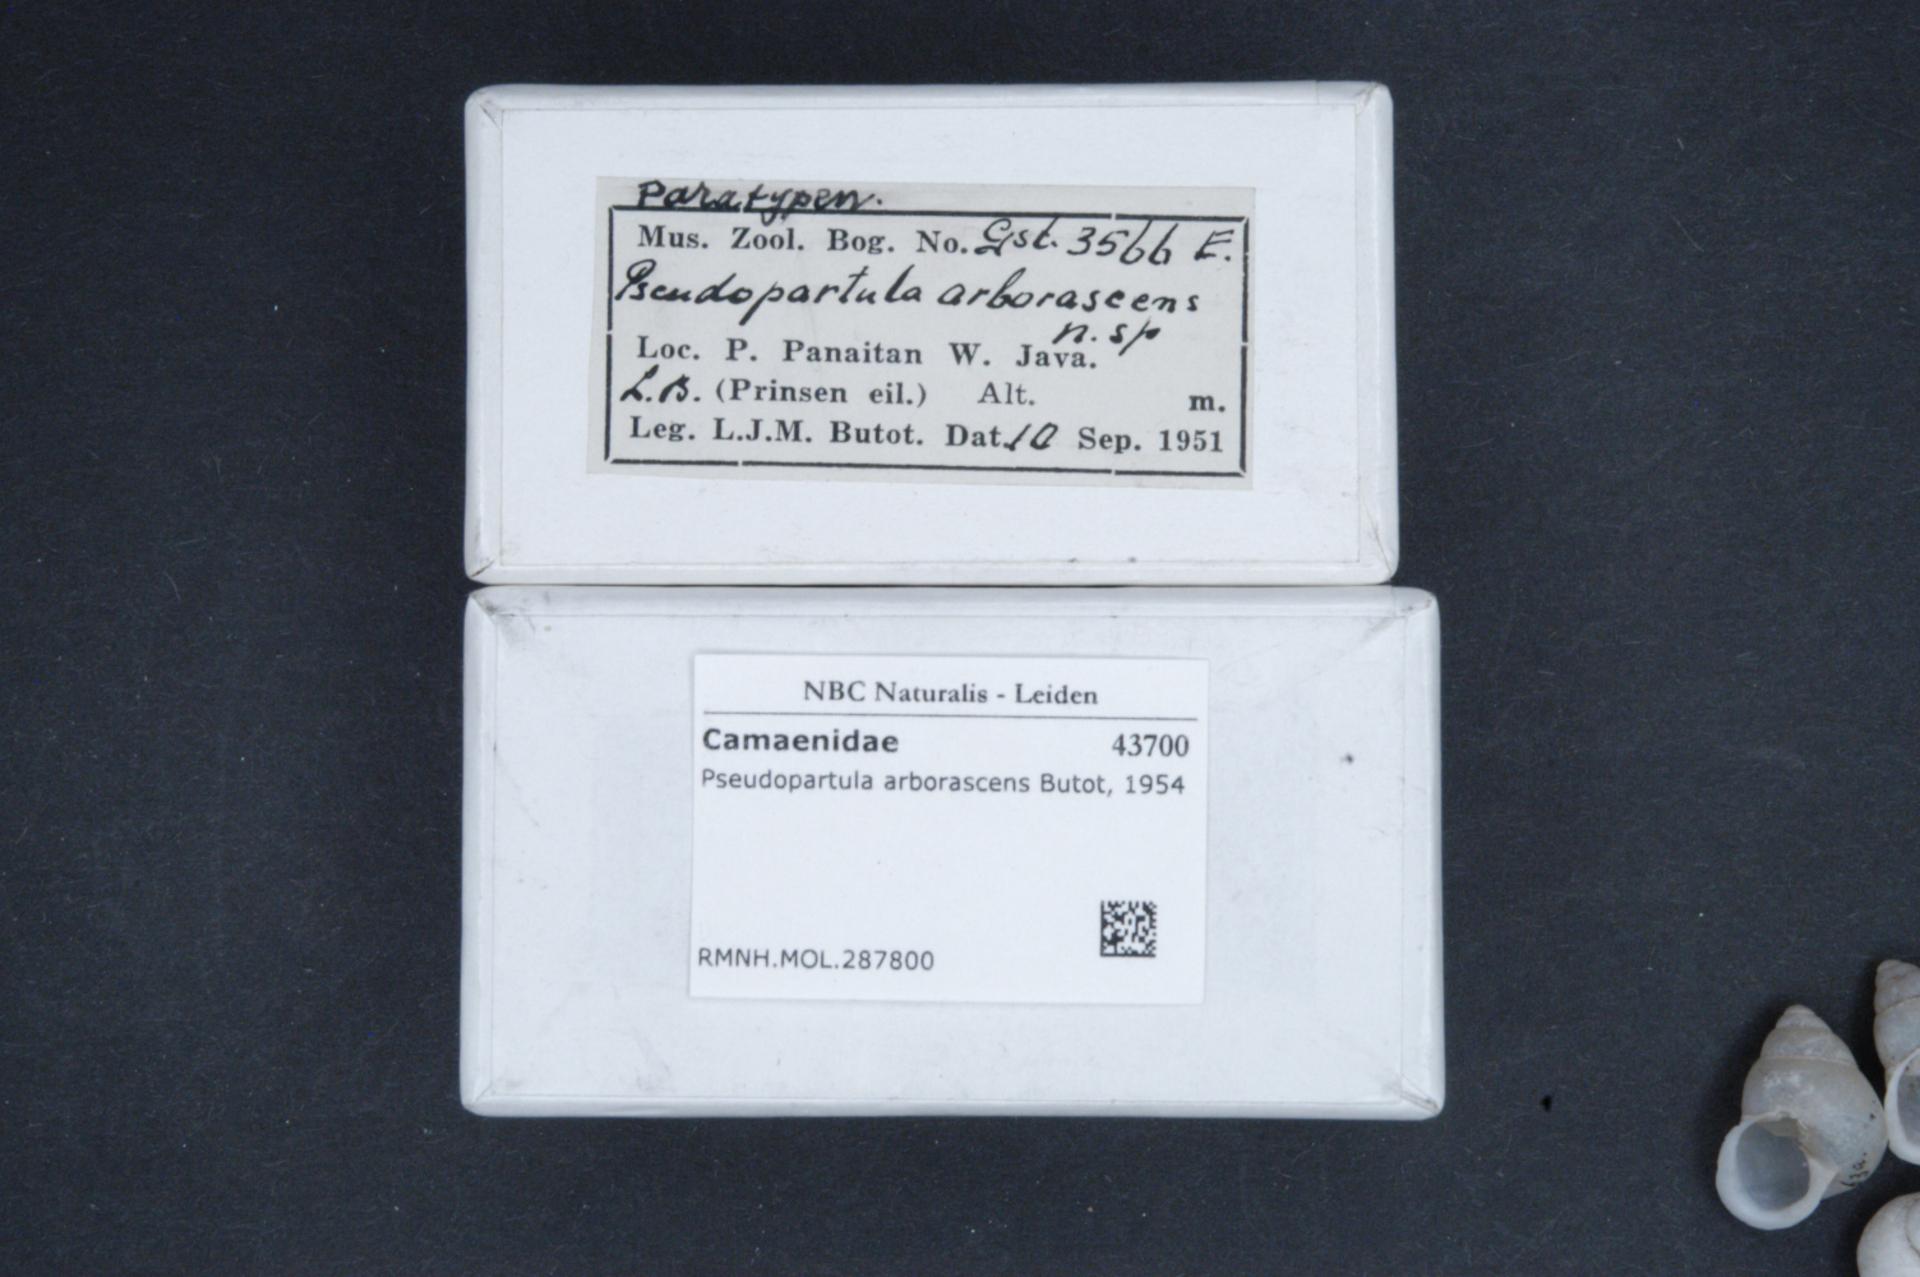 RMNH.MOL.287800 | Pseudopartula arborescens Butot, 1955